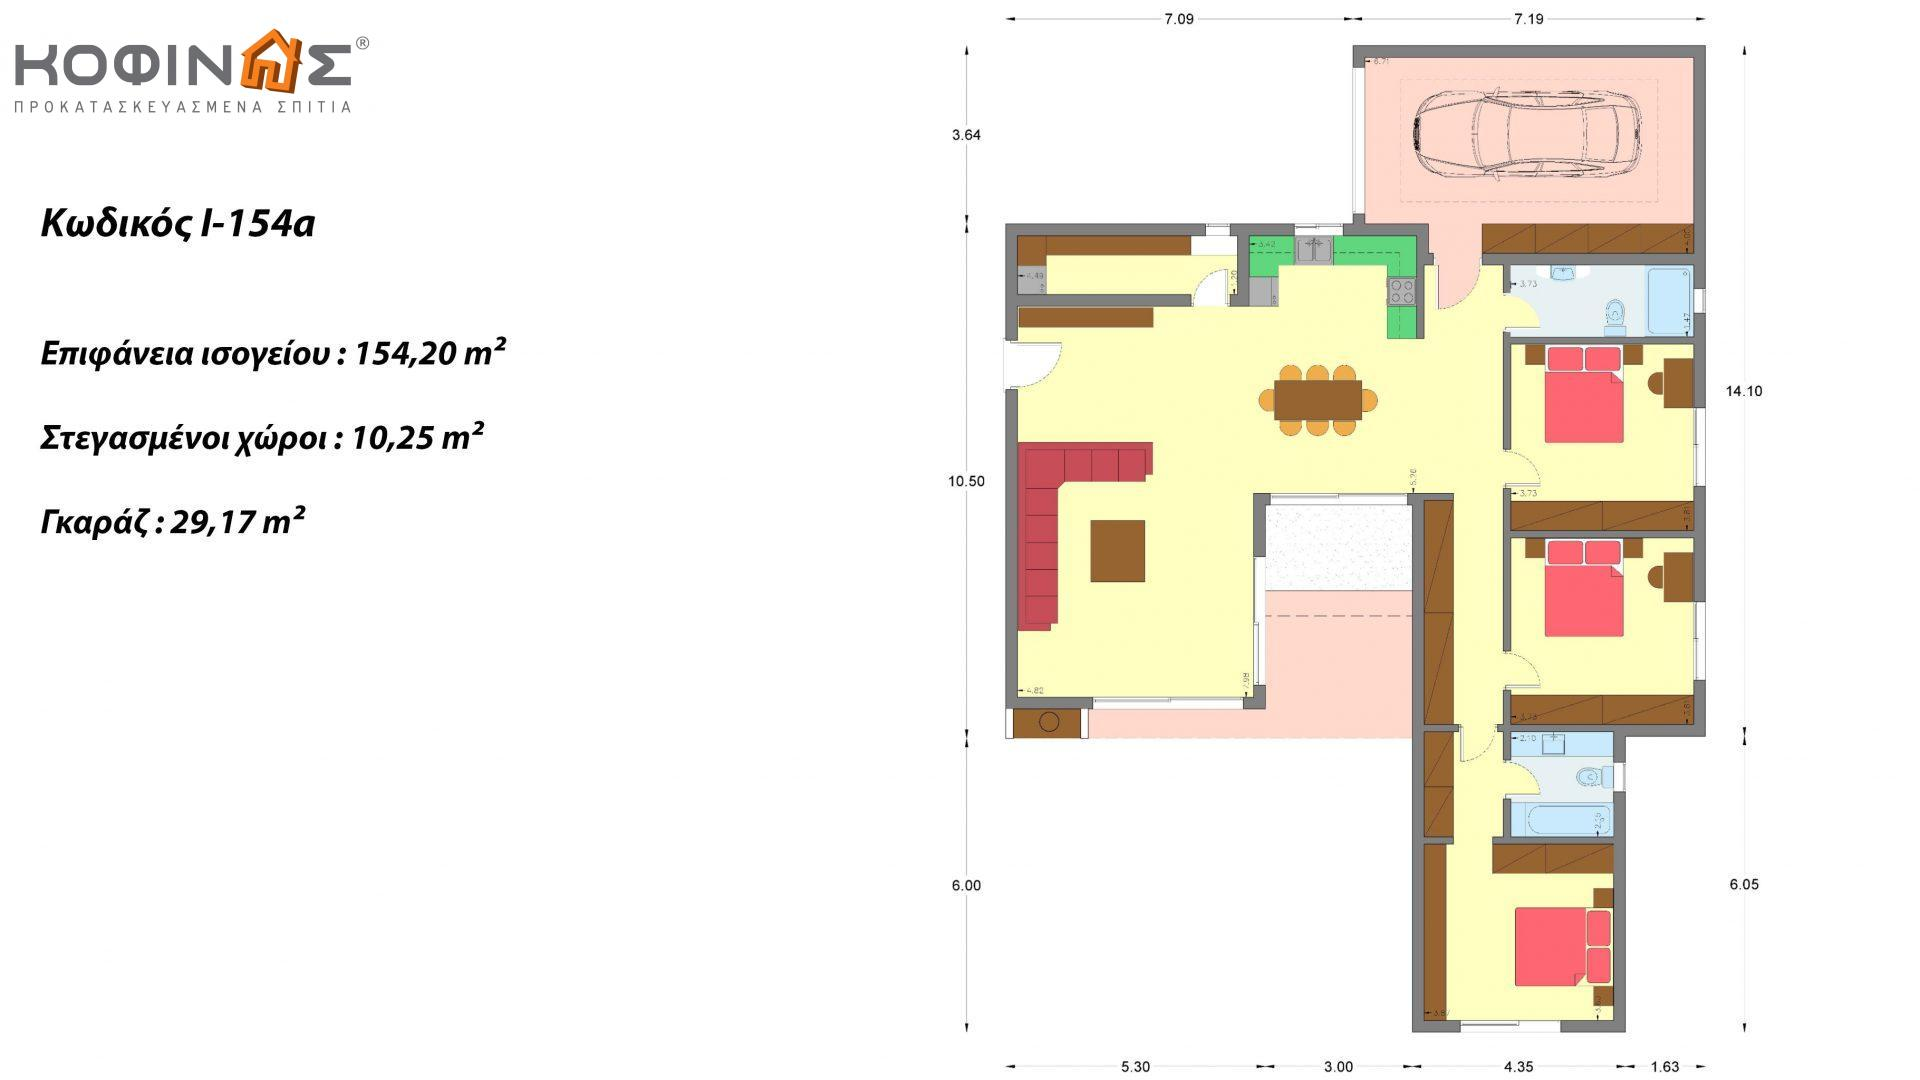 Ισόγεια Κατοικία I-154a, συνολικής επιφάνειας 154,20 τ.μ., +Γκαράζ 29.17(=183,37 m²)στεγασμένοι χώροι 10,25 τ.μ.